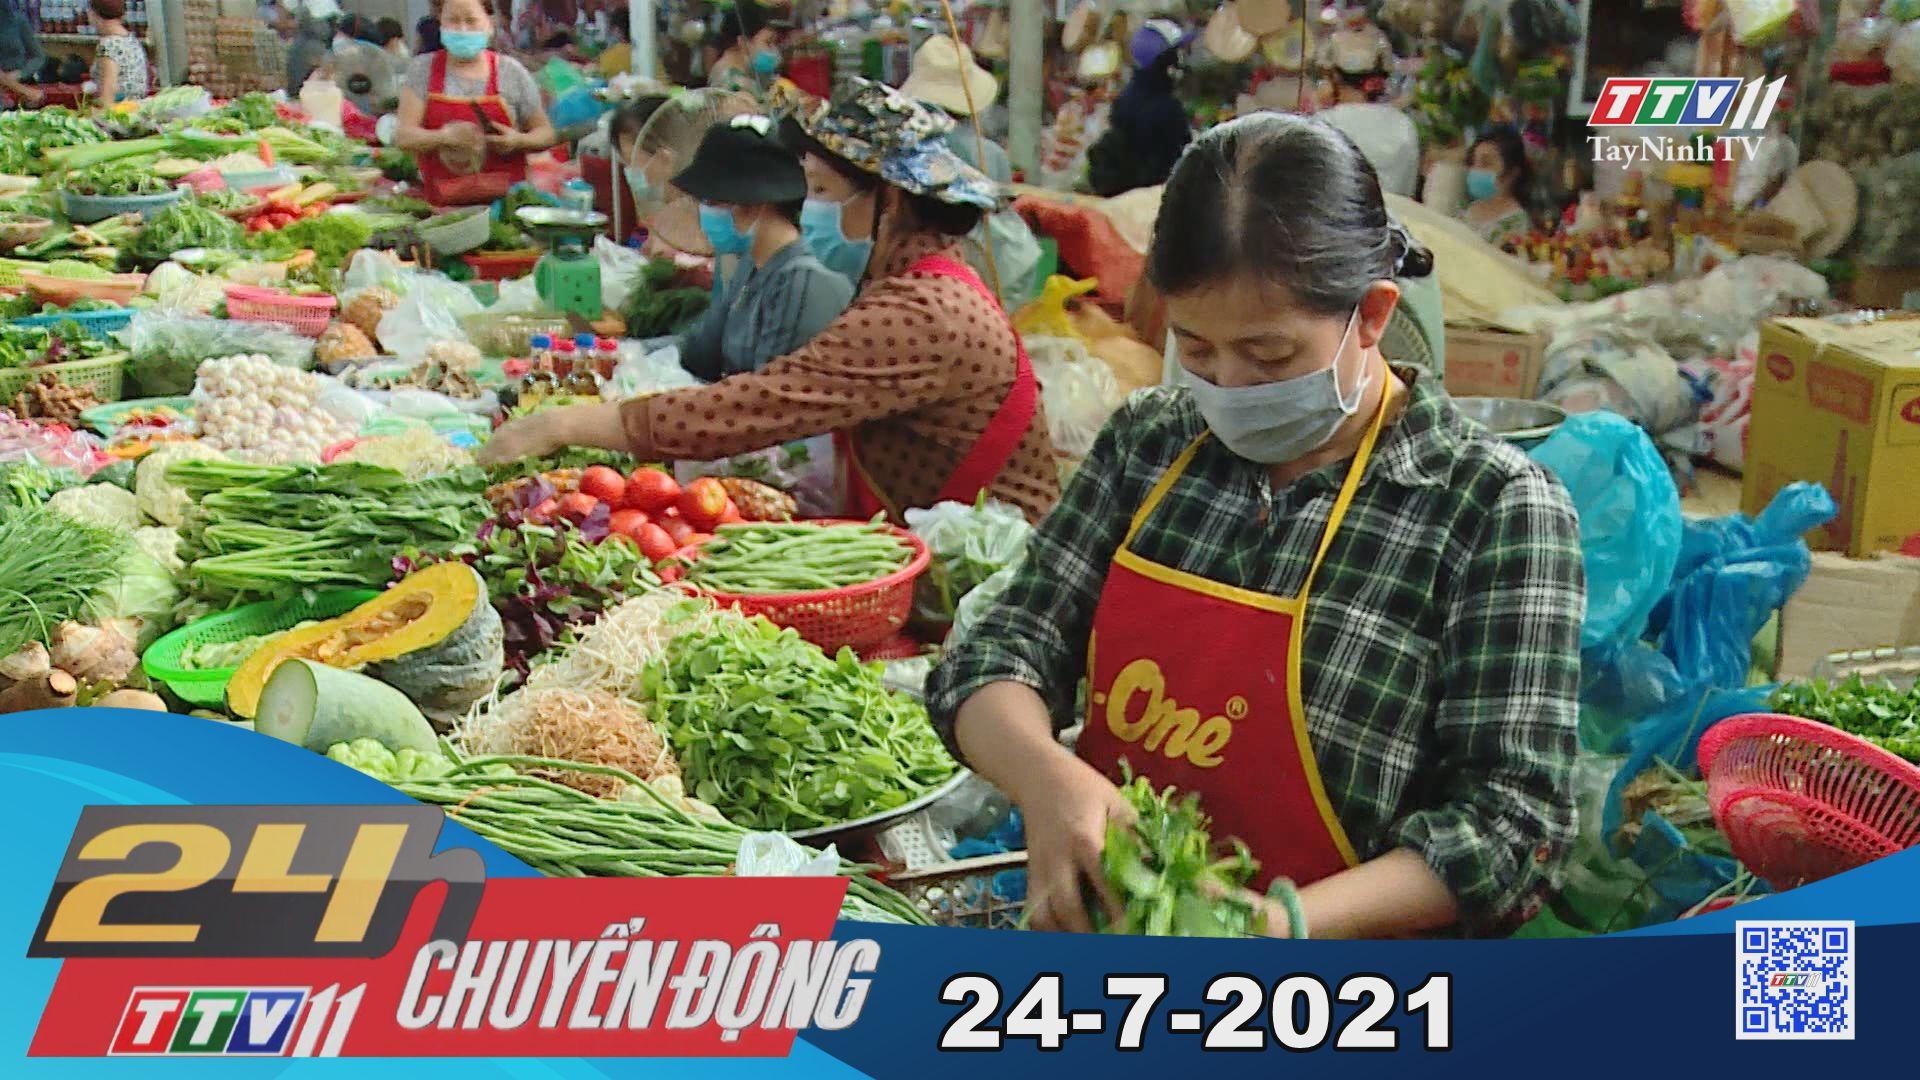 24h Chuyển động 24-7-2021 | Tin tức hôm nay | TayNinhTV